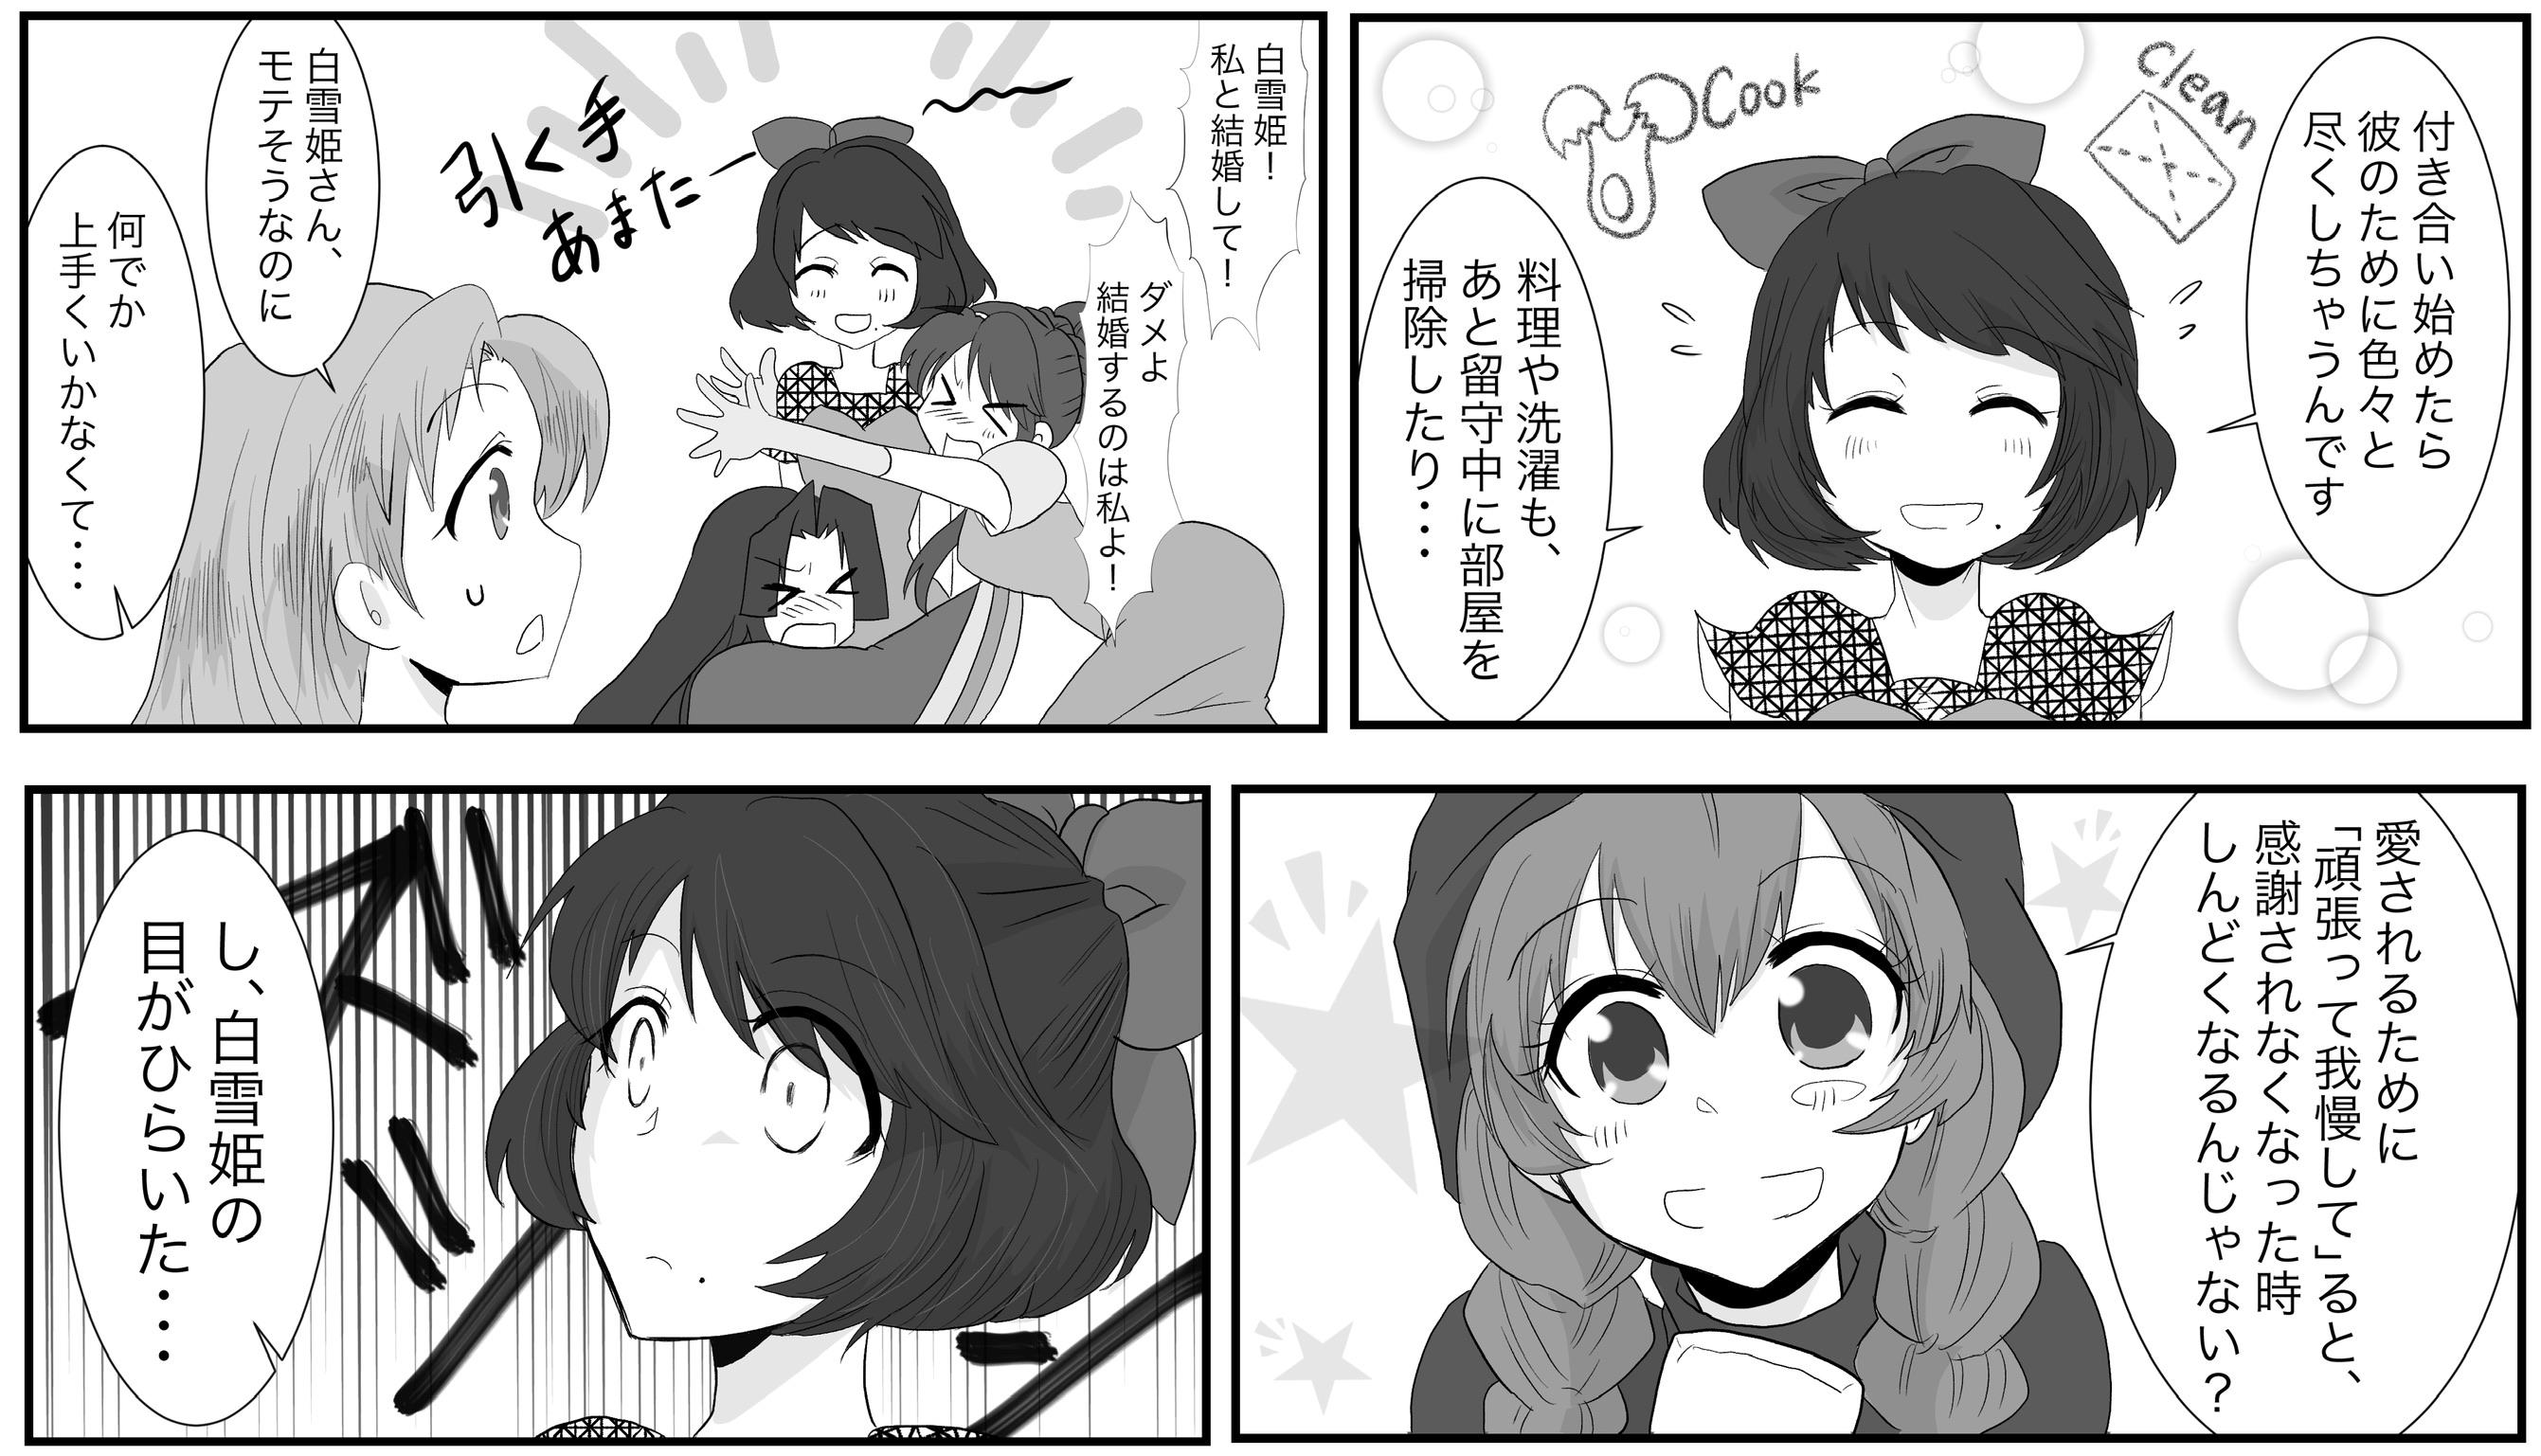 【婚活漫画】相手に尽くしすぎる白雪姫②